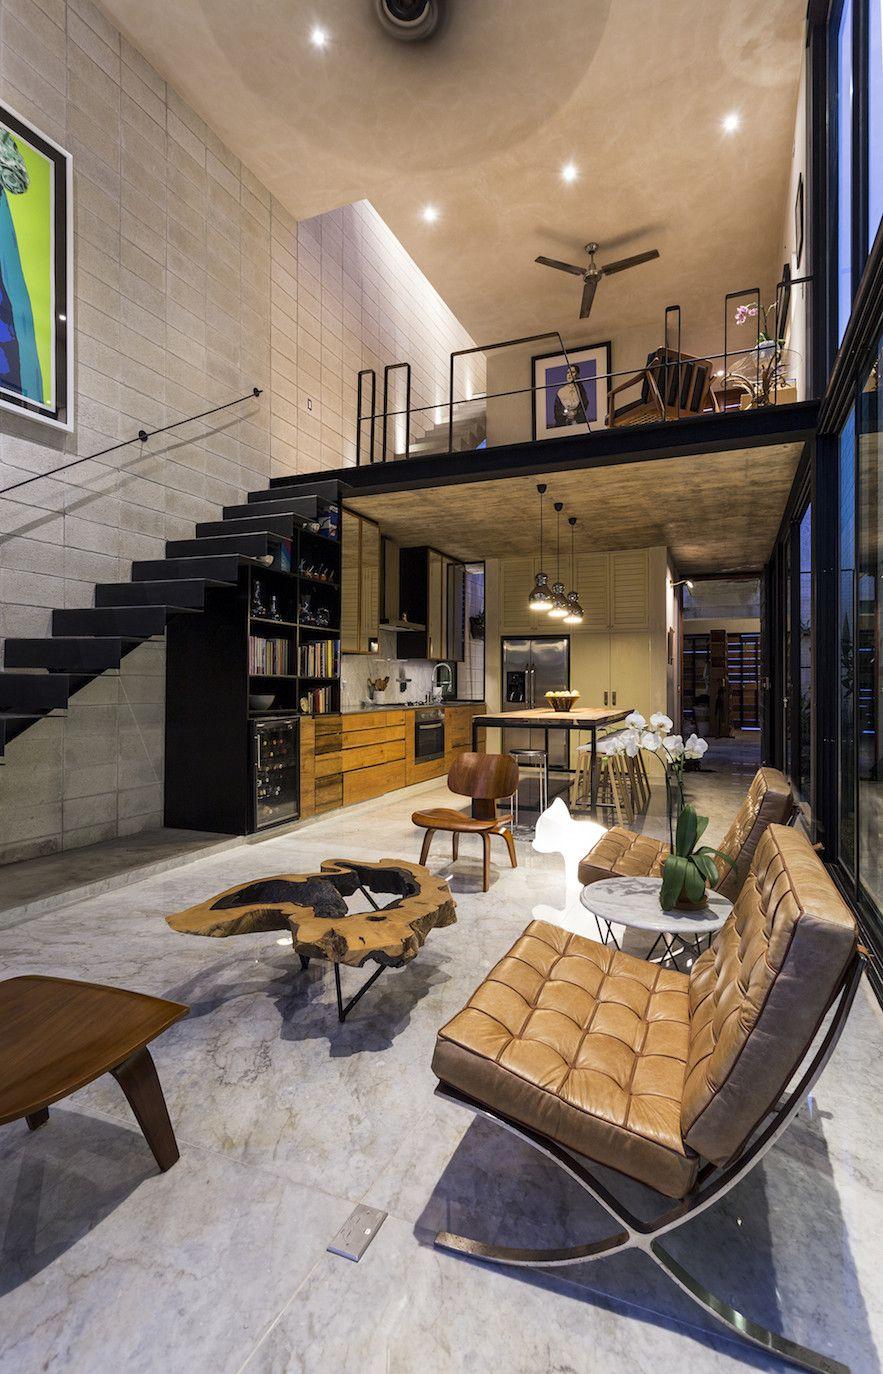 Loft Home Designs Best Kitchen Gallery | Rachelxblog loft kitchen ...